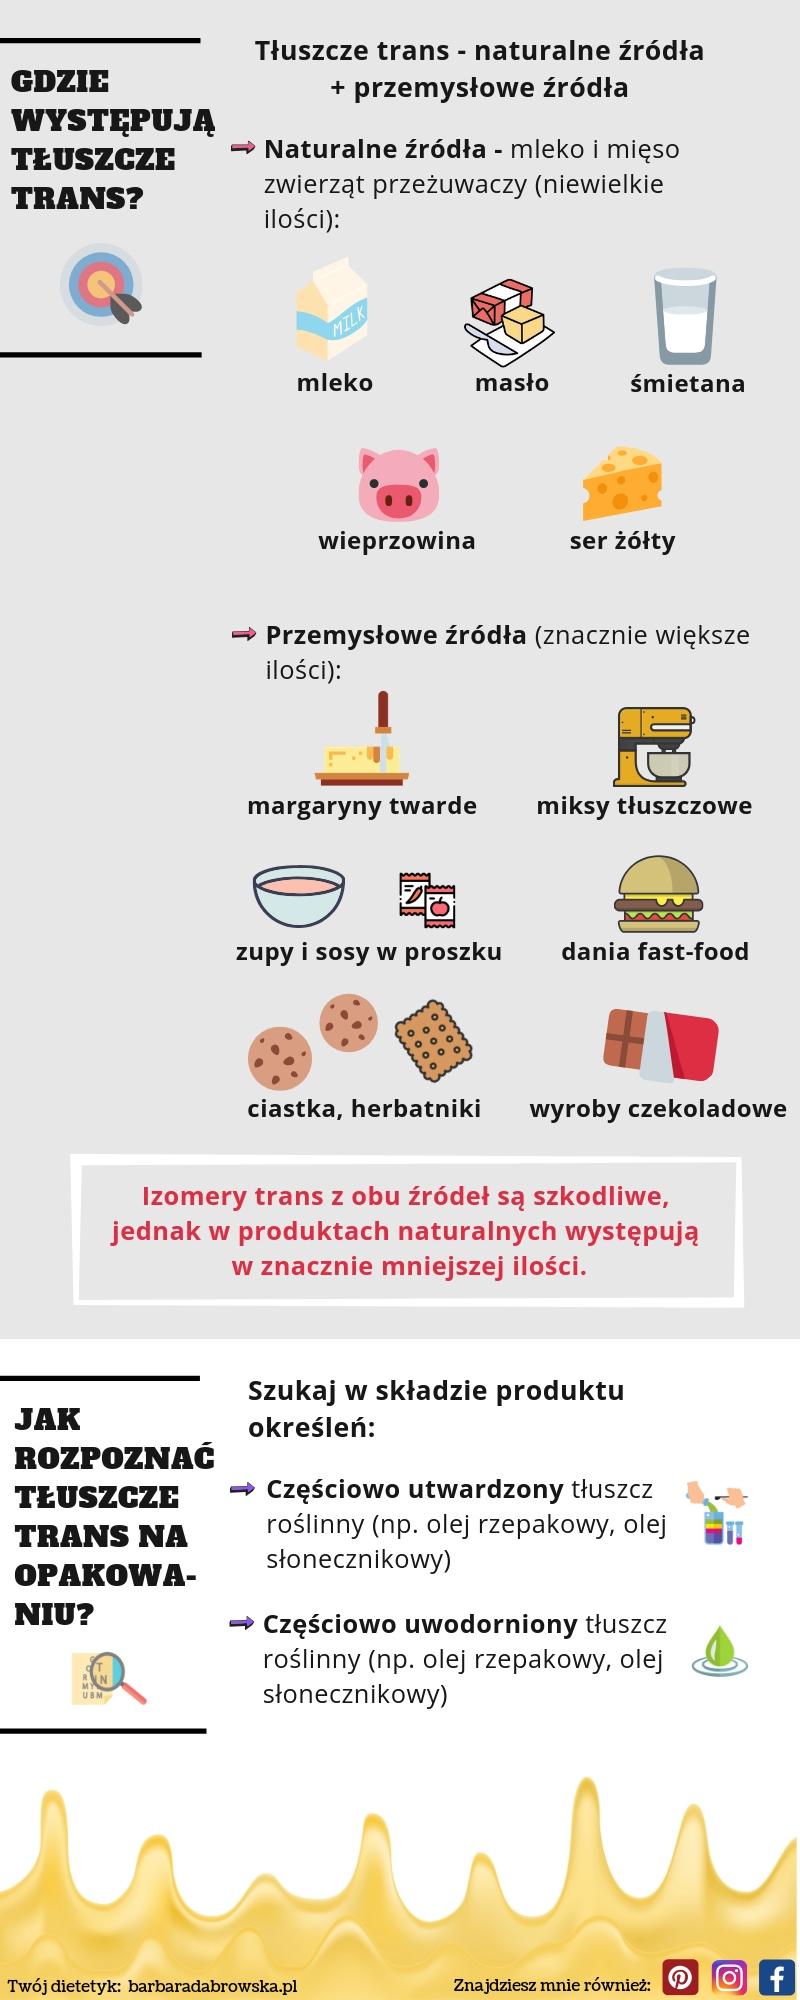 Tłuszcze trans - infografika Barbary Dąbrowskiej, dietetyka - część 2